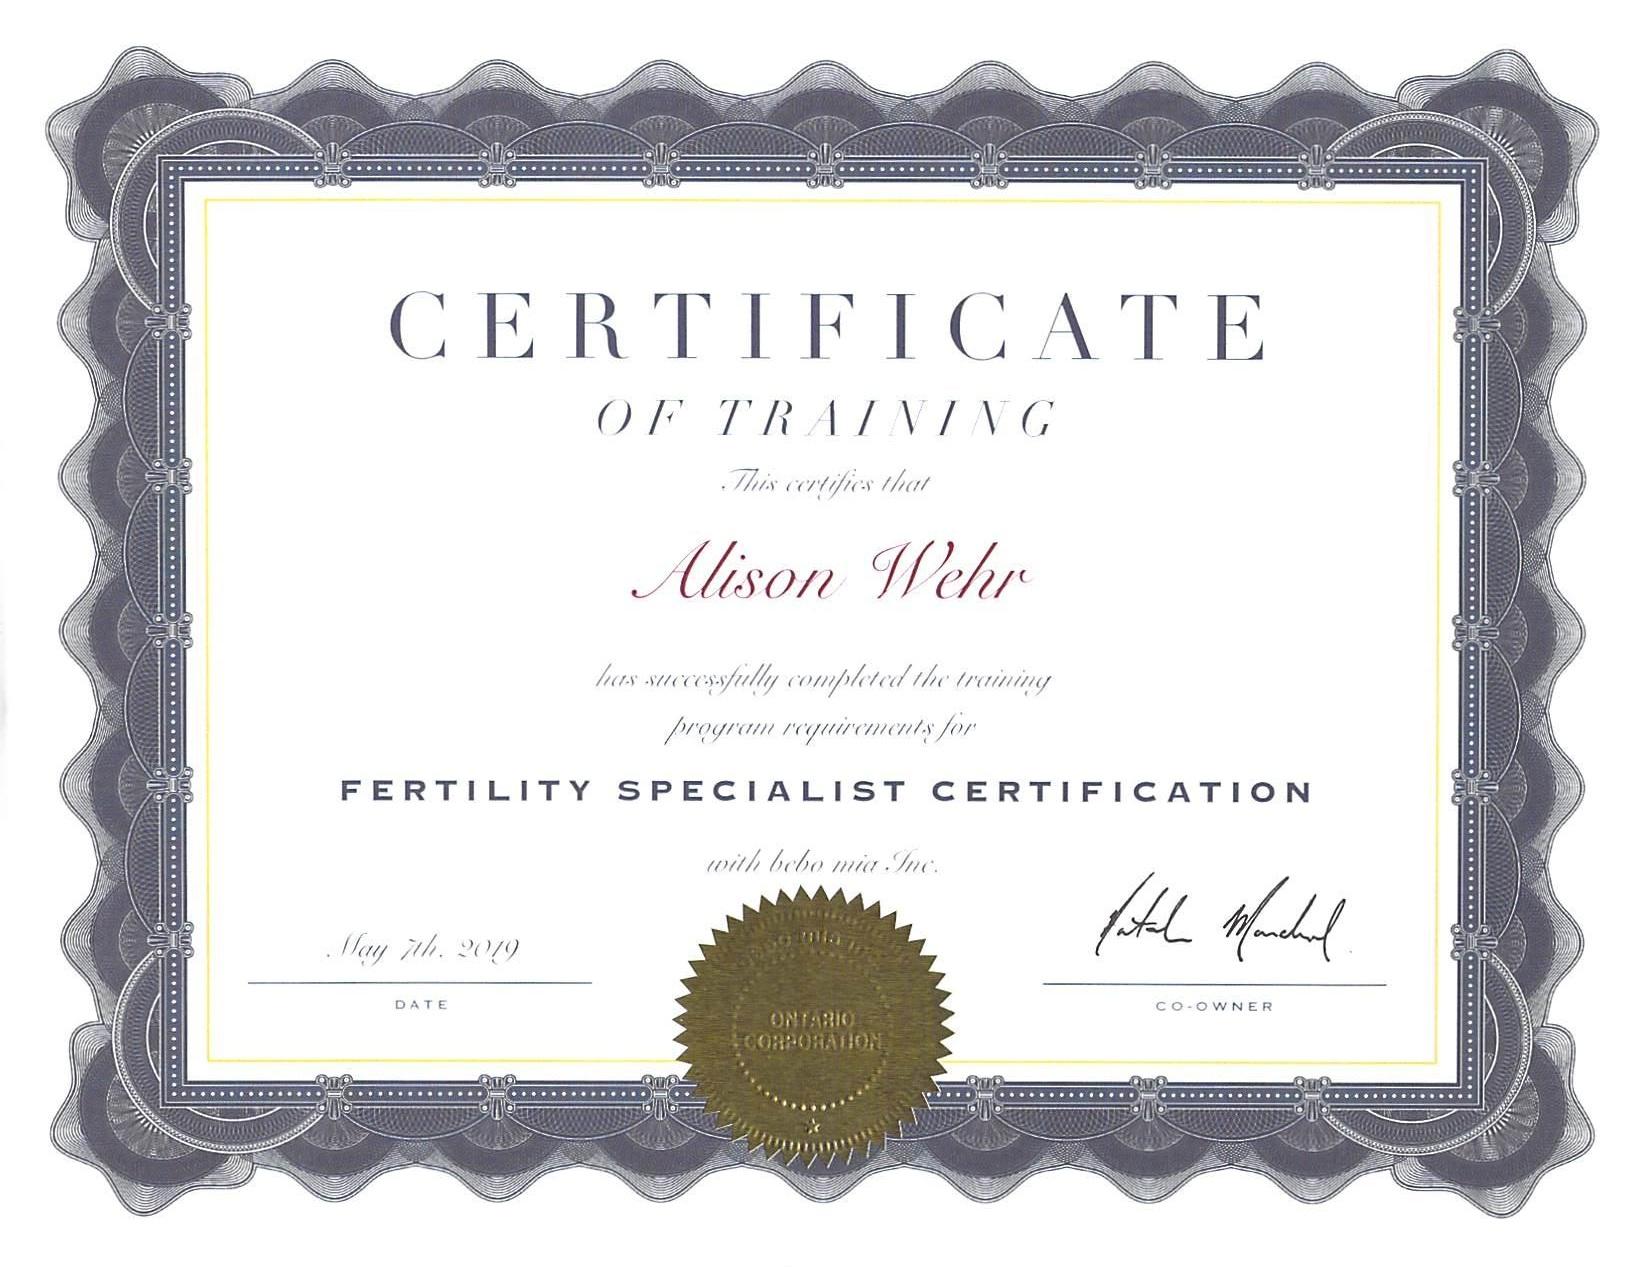 fertility-specialist-cert-page-001.jpg